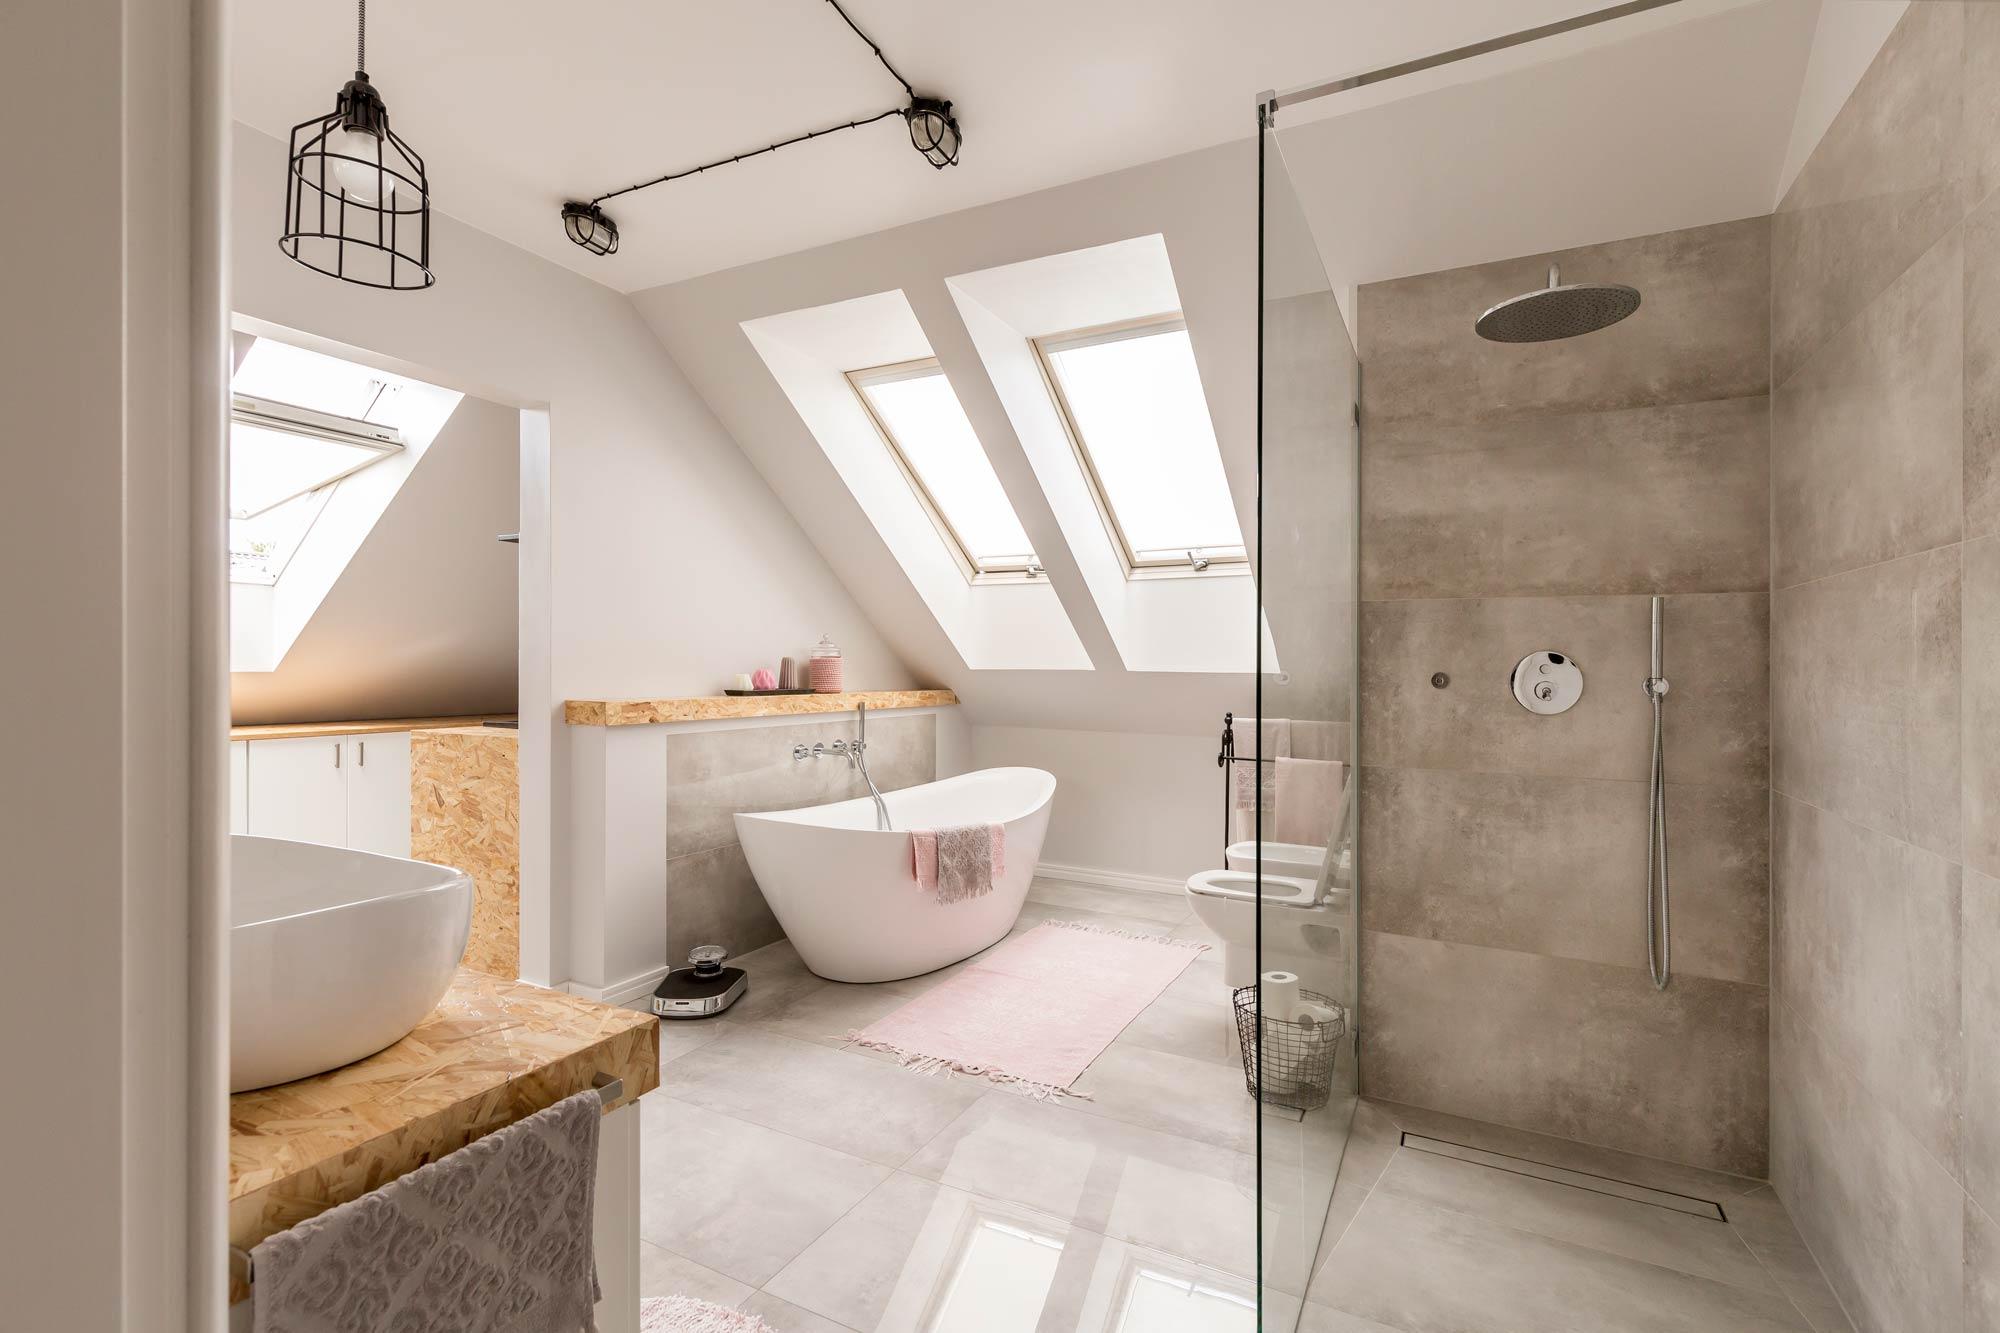 InteriorWorx Countertops bathroom remodel